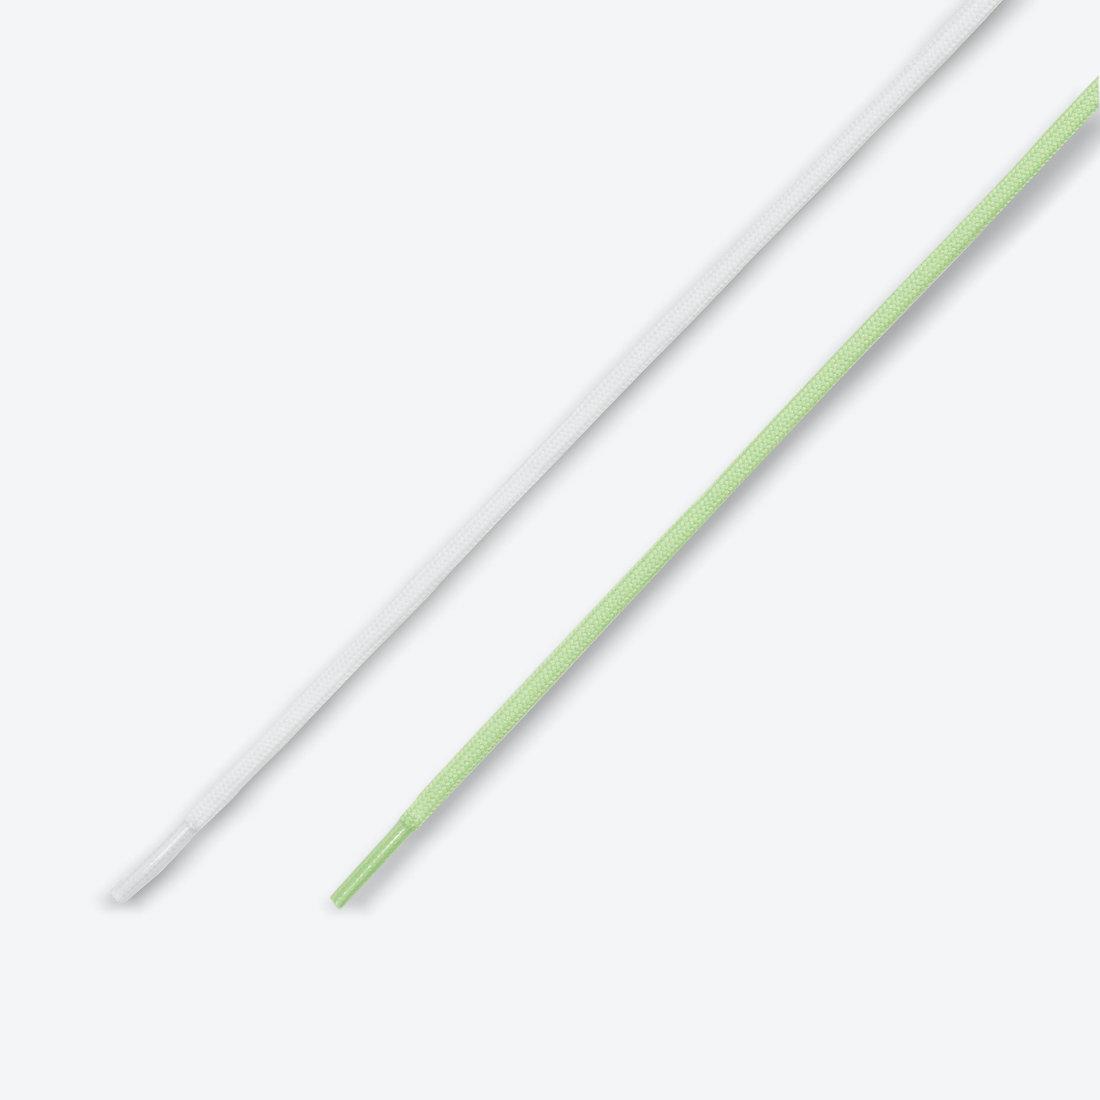 ナイキ エア マックス 95 クラシック グリーン Nike Air Max 95 NRG White Classic Green Electric Green CU5517-100 shoelace